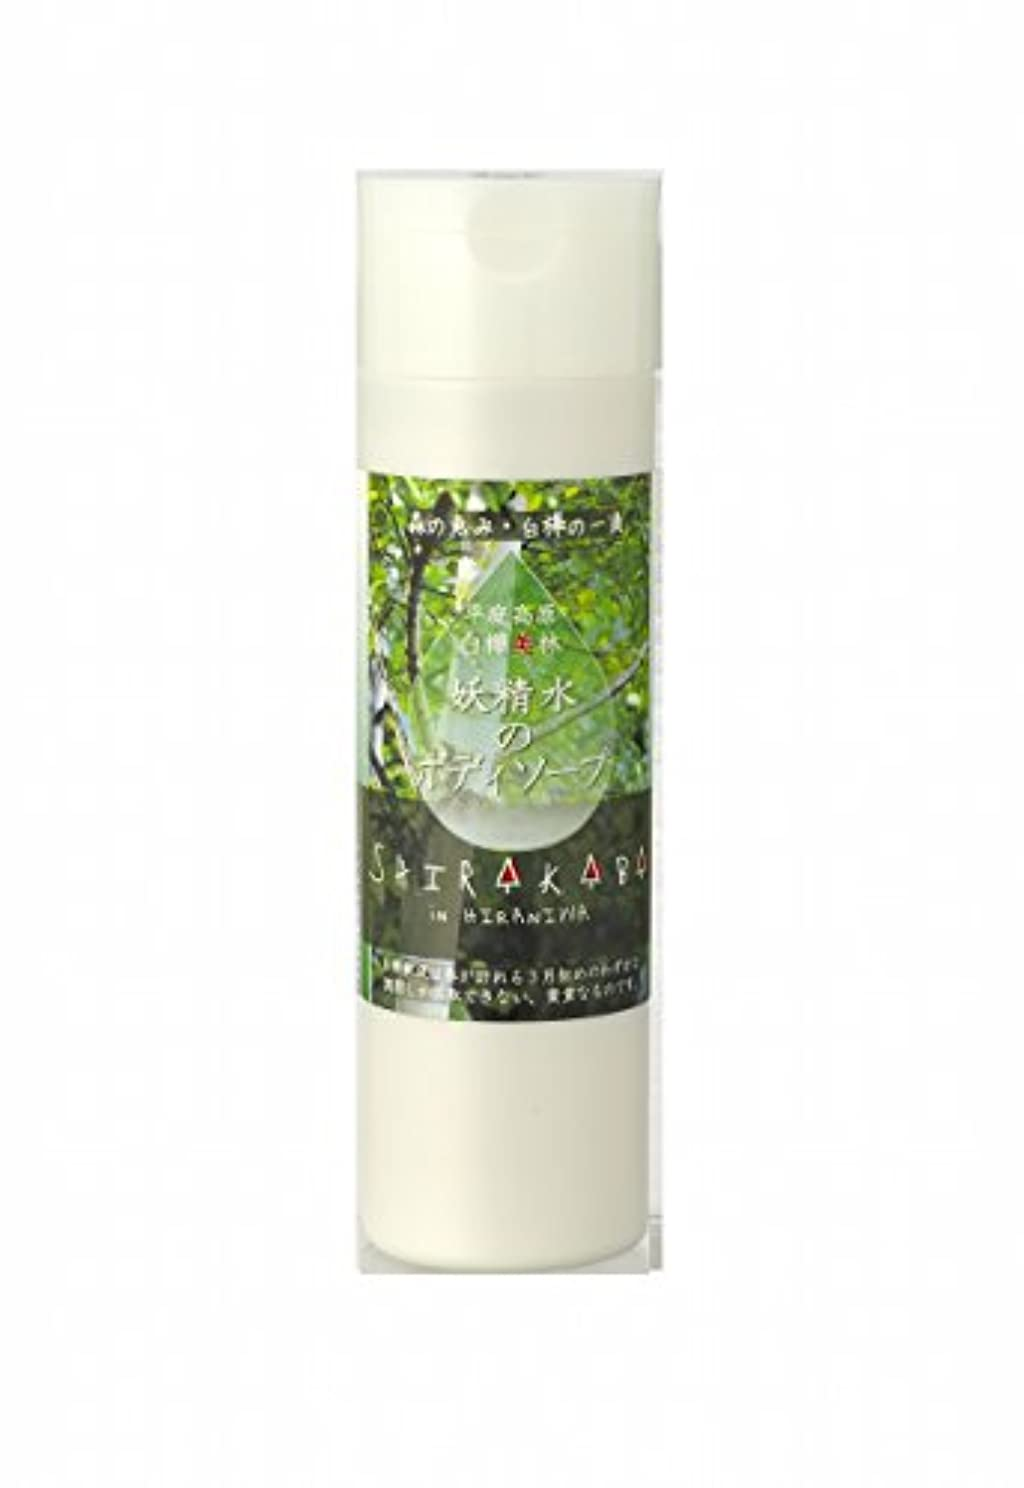 ピクニックをするジャンクション自己尊重平庭高原白樺美林 妖精水のボディソープ 天然成分 [美肌・保湿] 復興支援